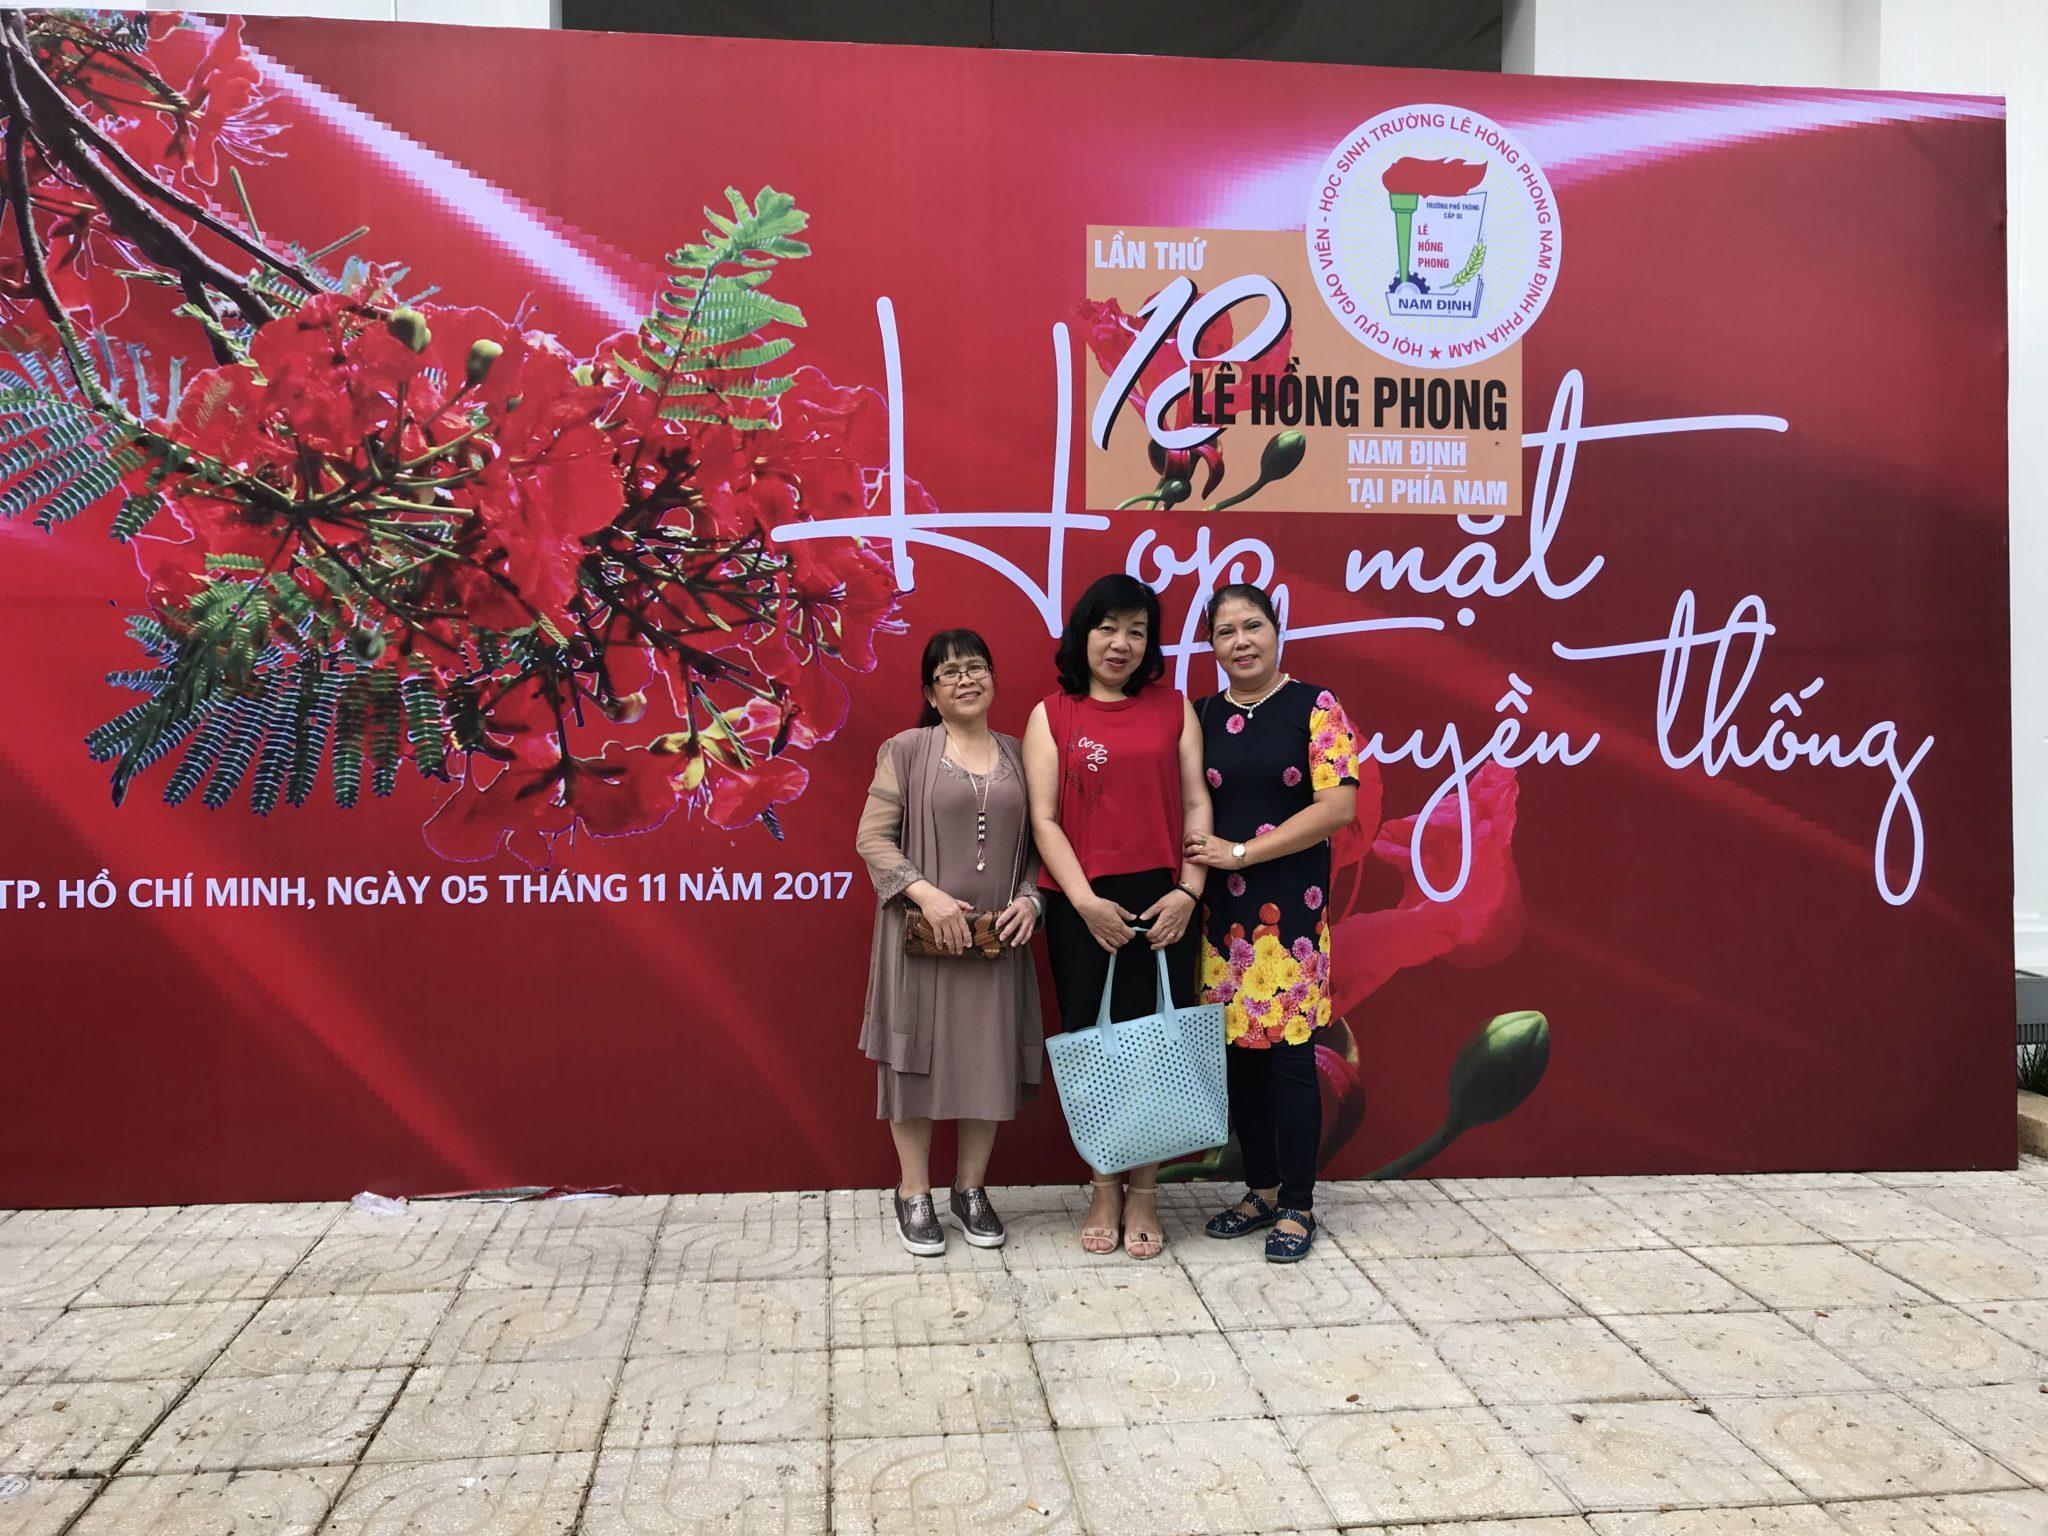 Mừng ngày nhà giáo Việt Nam - Love Stone đồng hành cùng các cựu học sinh trường THPT Lê Hồng Phong Nam Định